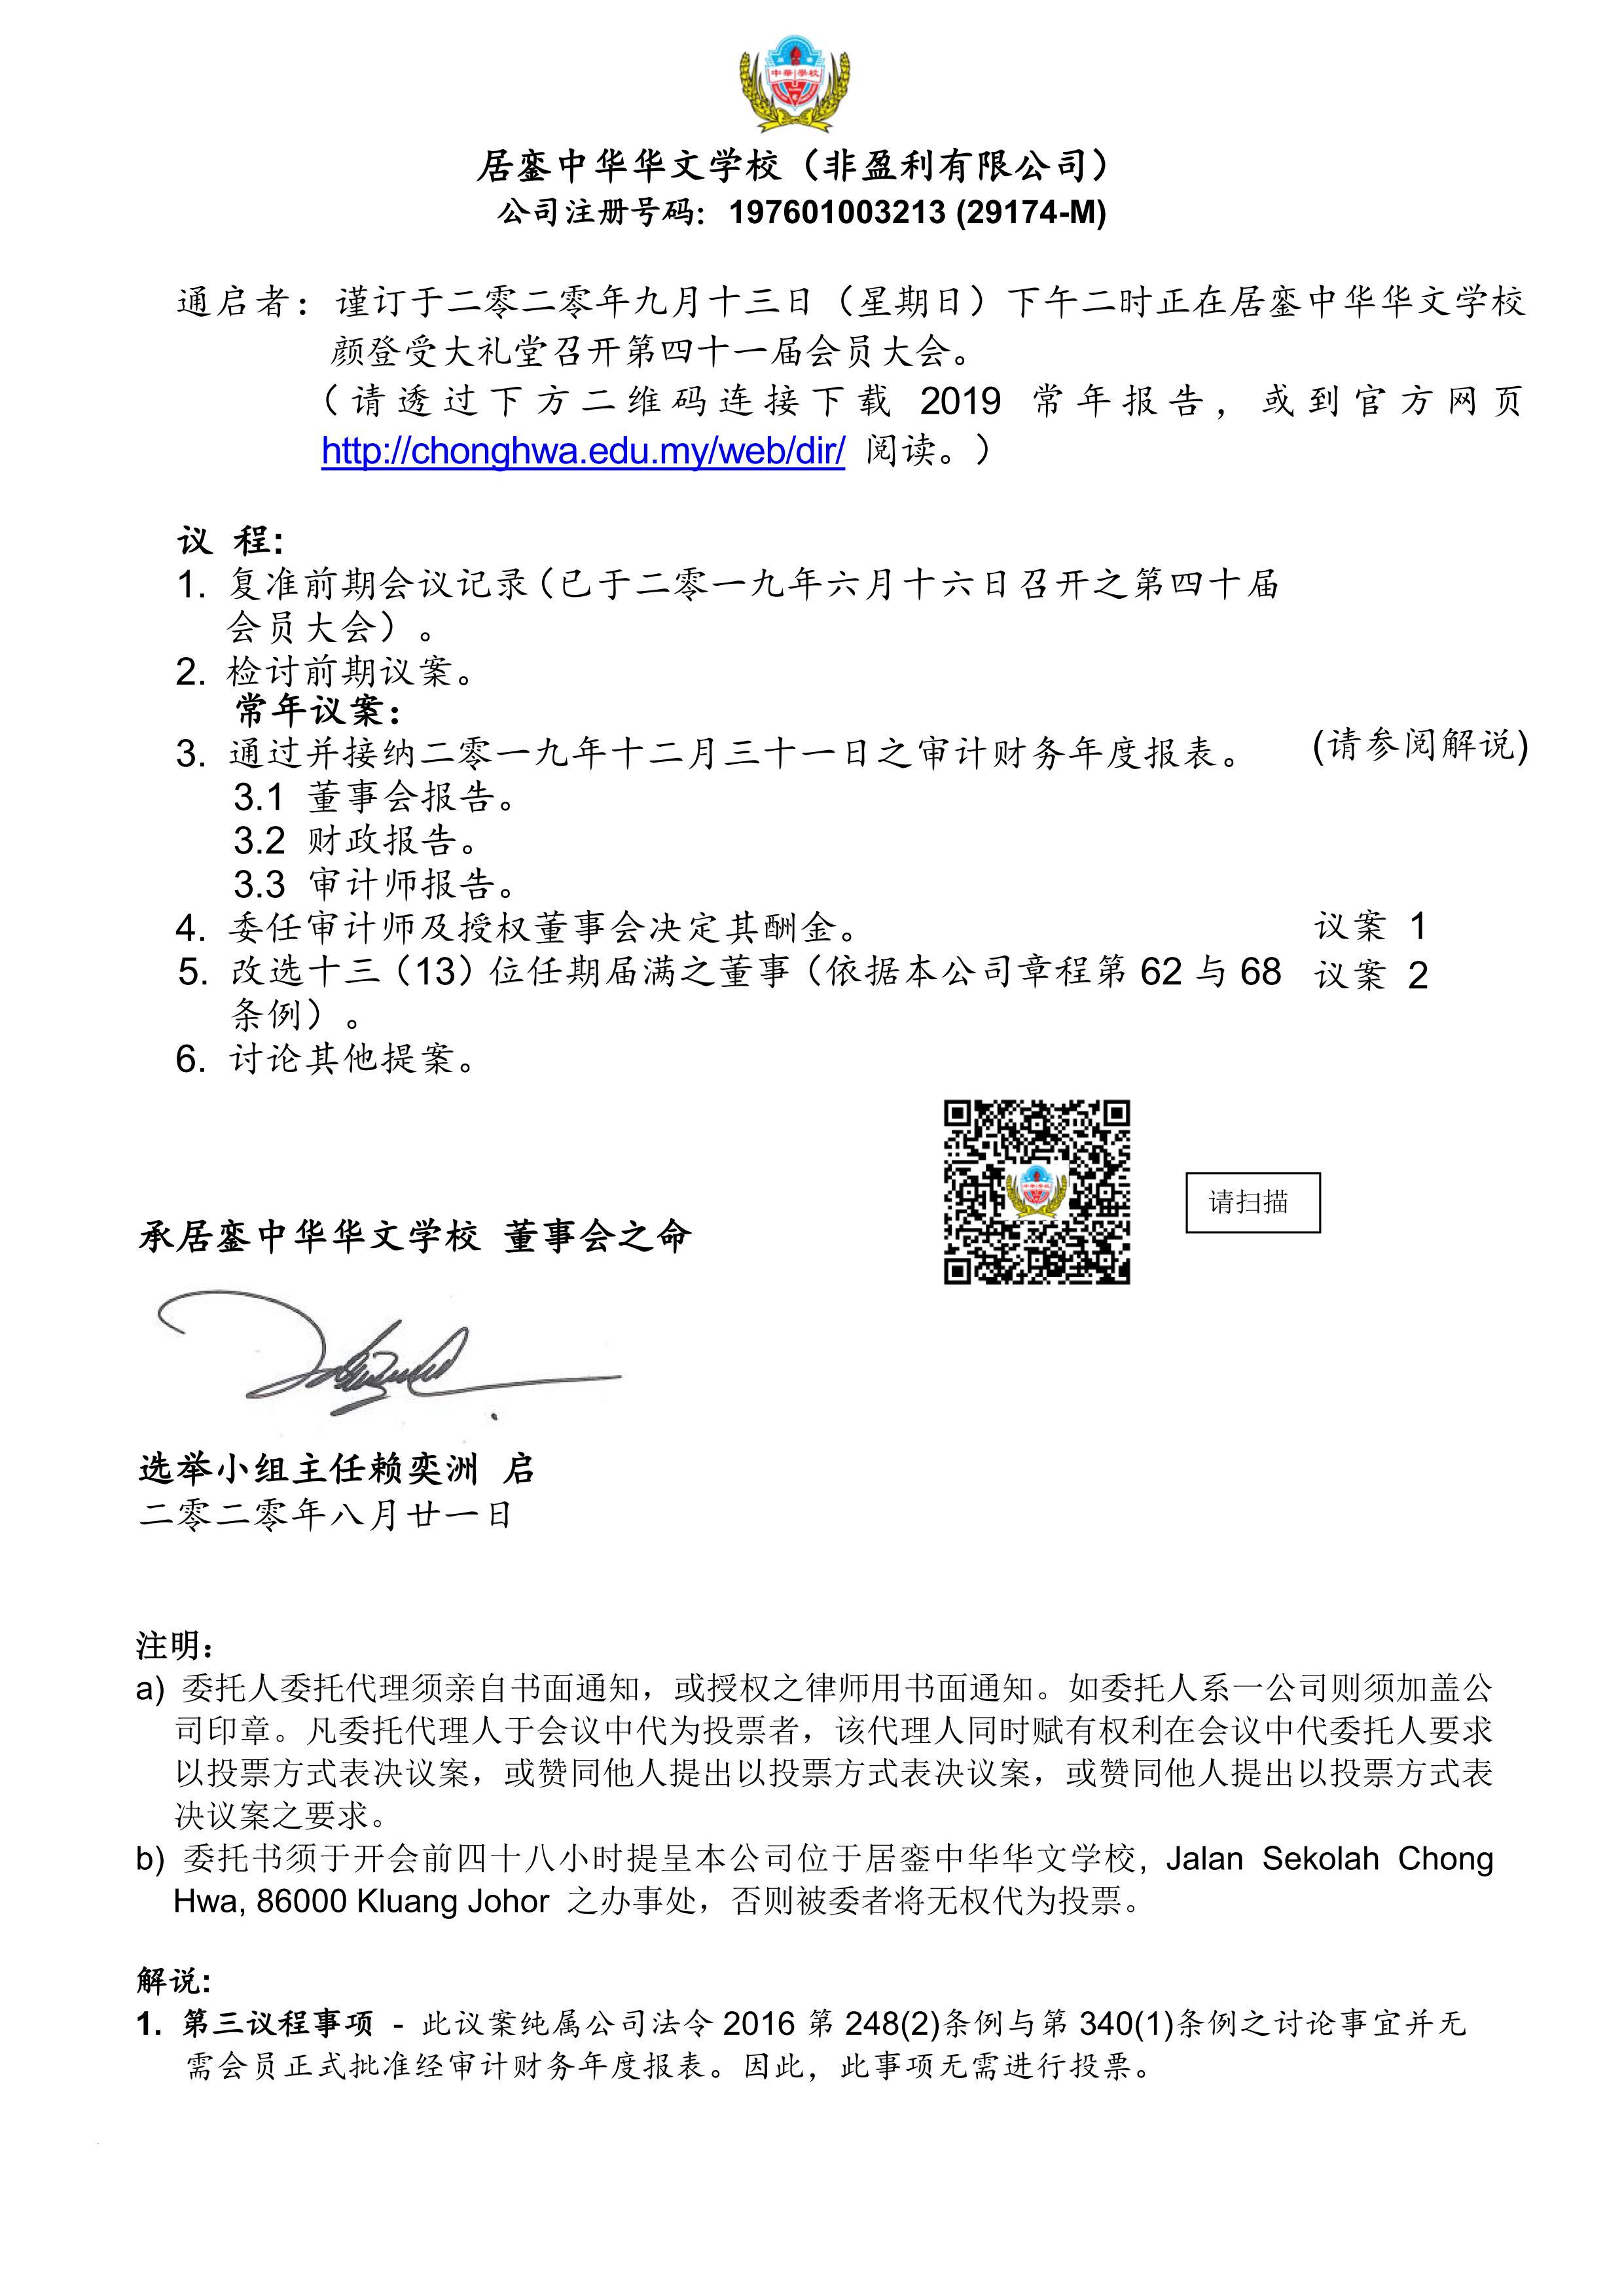 开会通知中文版11